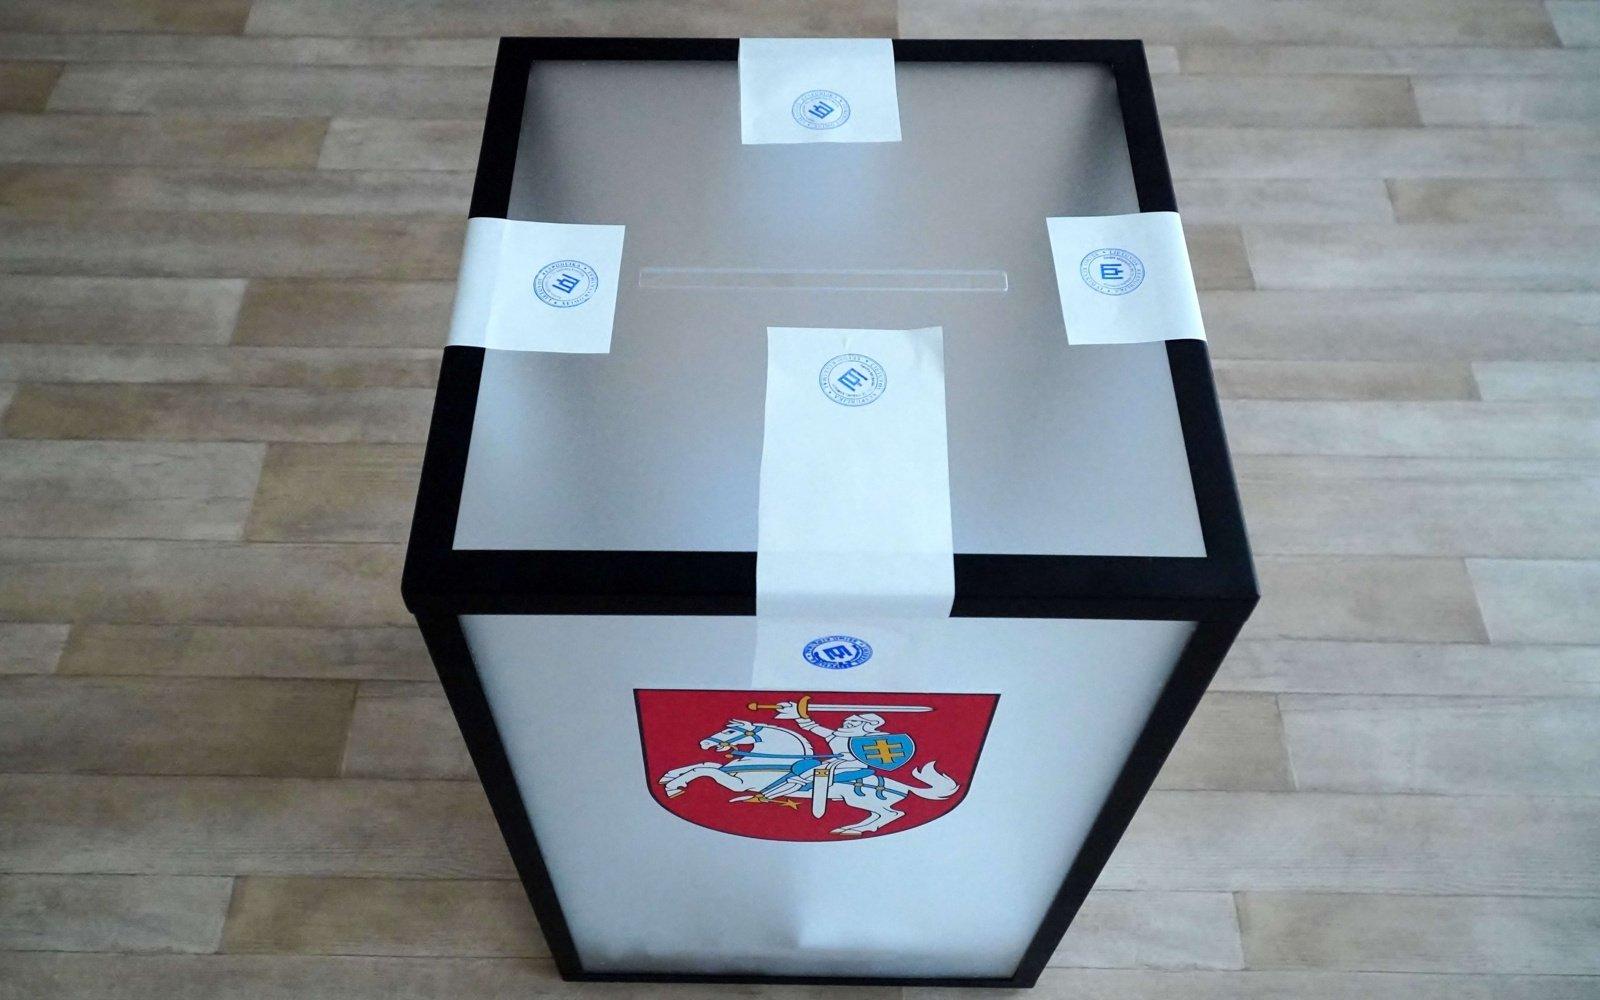 VRK perskaičiuos rinkimų rezultatus Panerių-Grigiškių vienmandatėje apygardoje